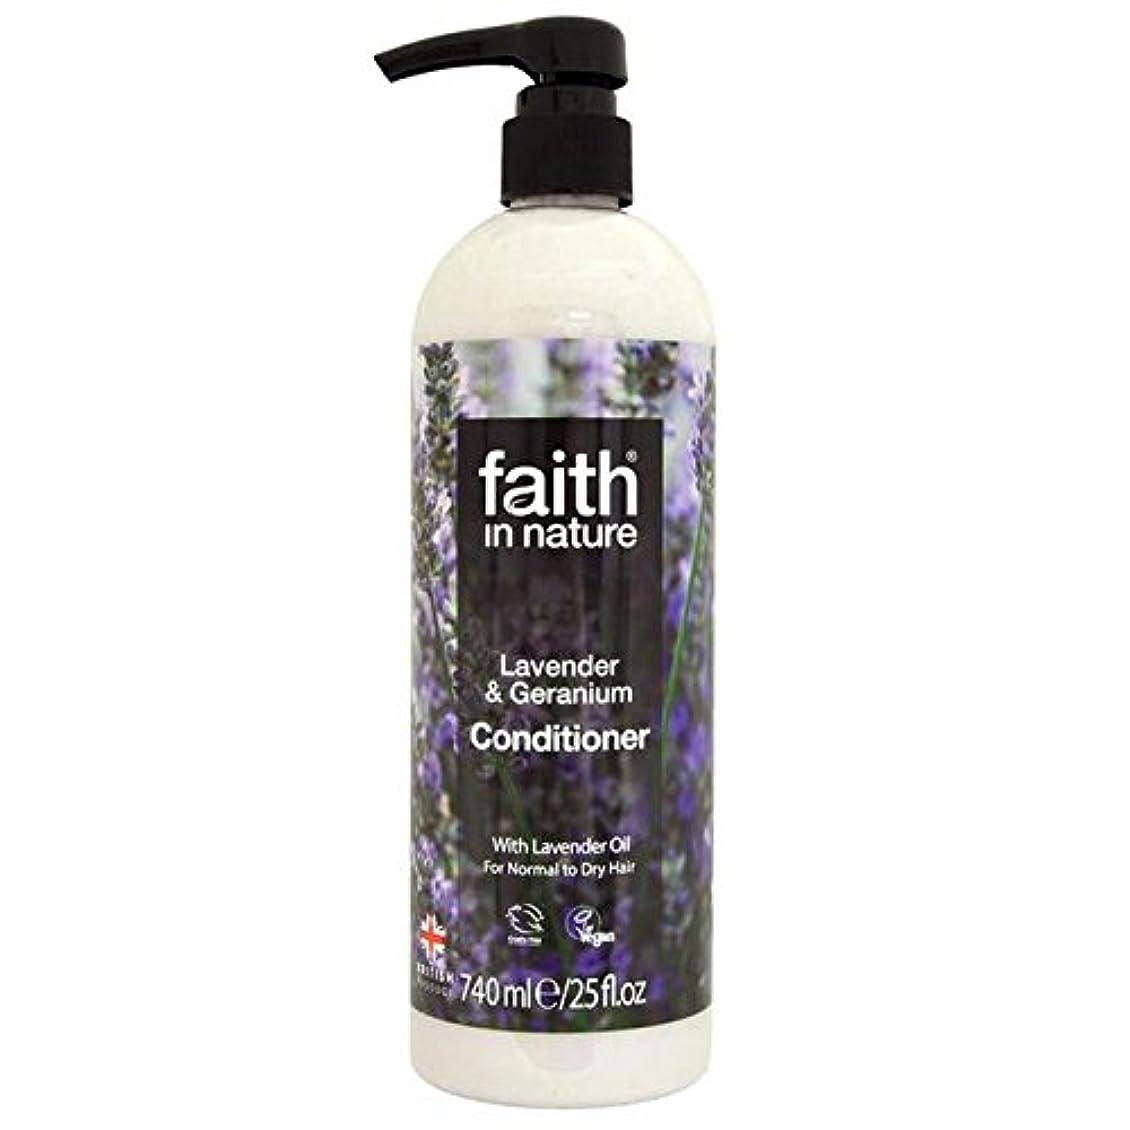 動力学フォーク帆Faith in Nature Lavender & Geranium Conditioner 740ml - (Faith In Nature) 自然ラベンダー&ゼラニウムコンディショナー740ミリリットルの信仰 [並行輸入品]